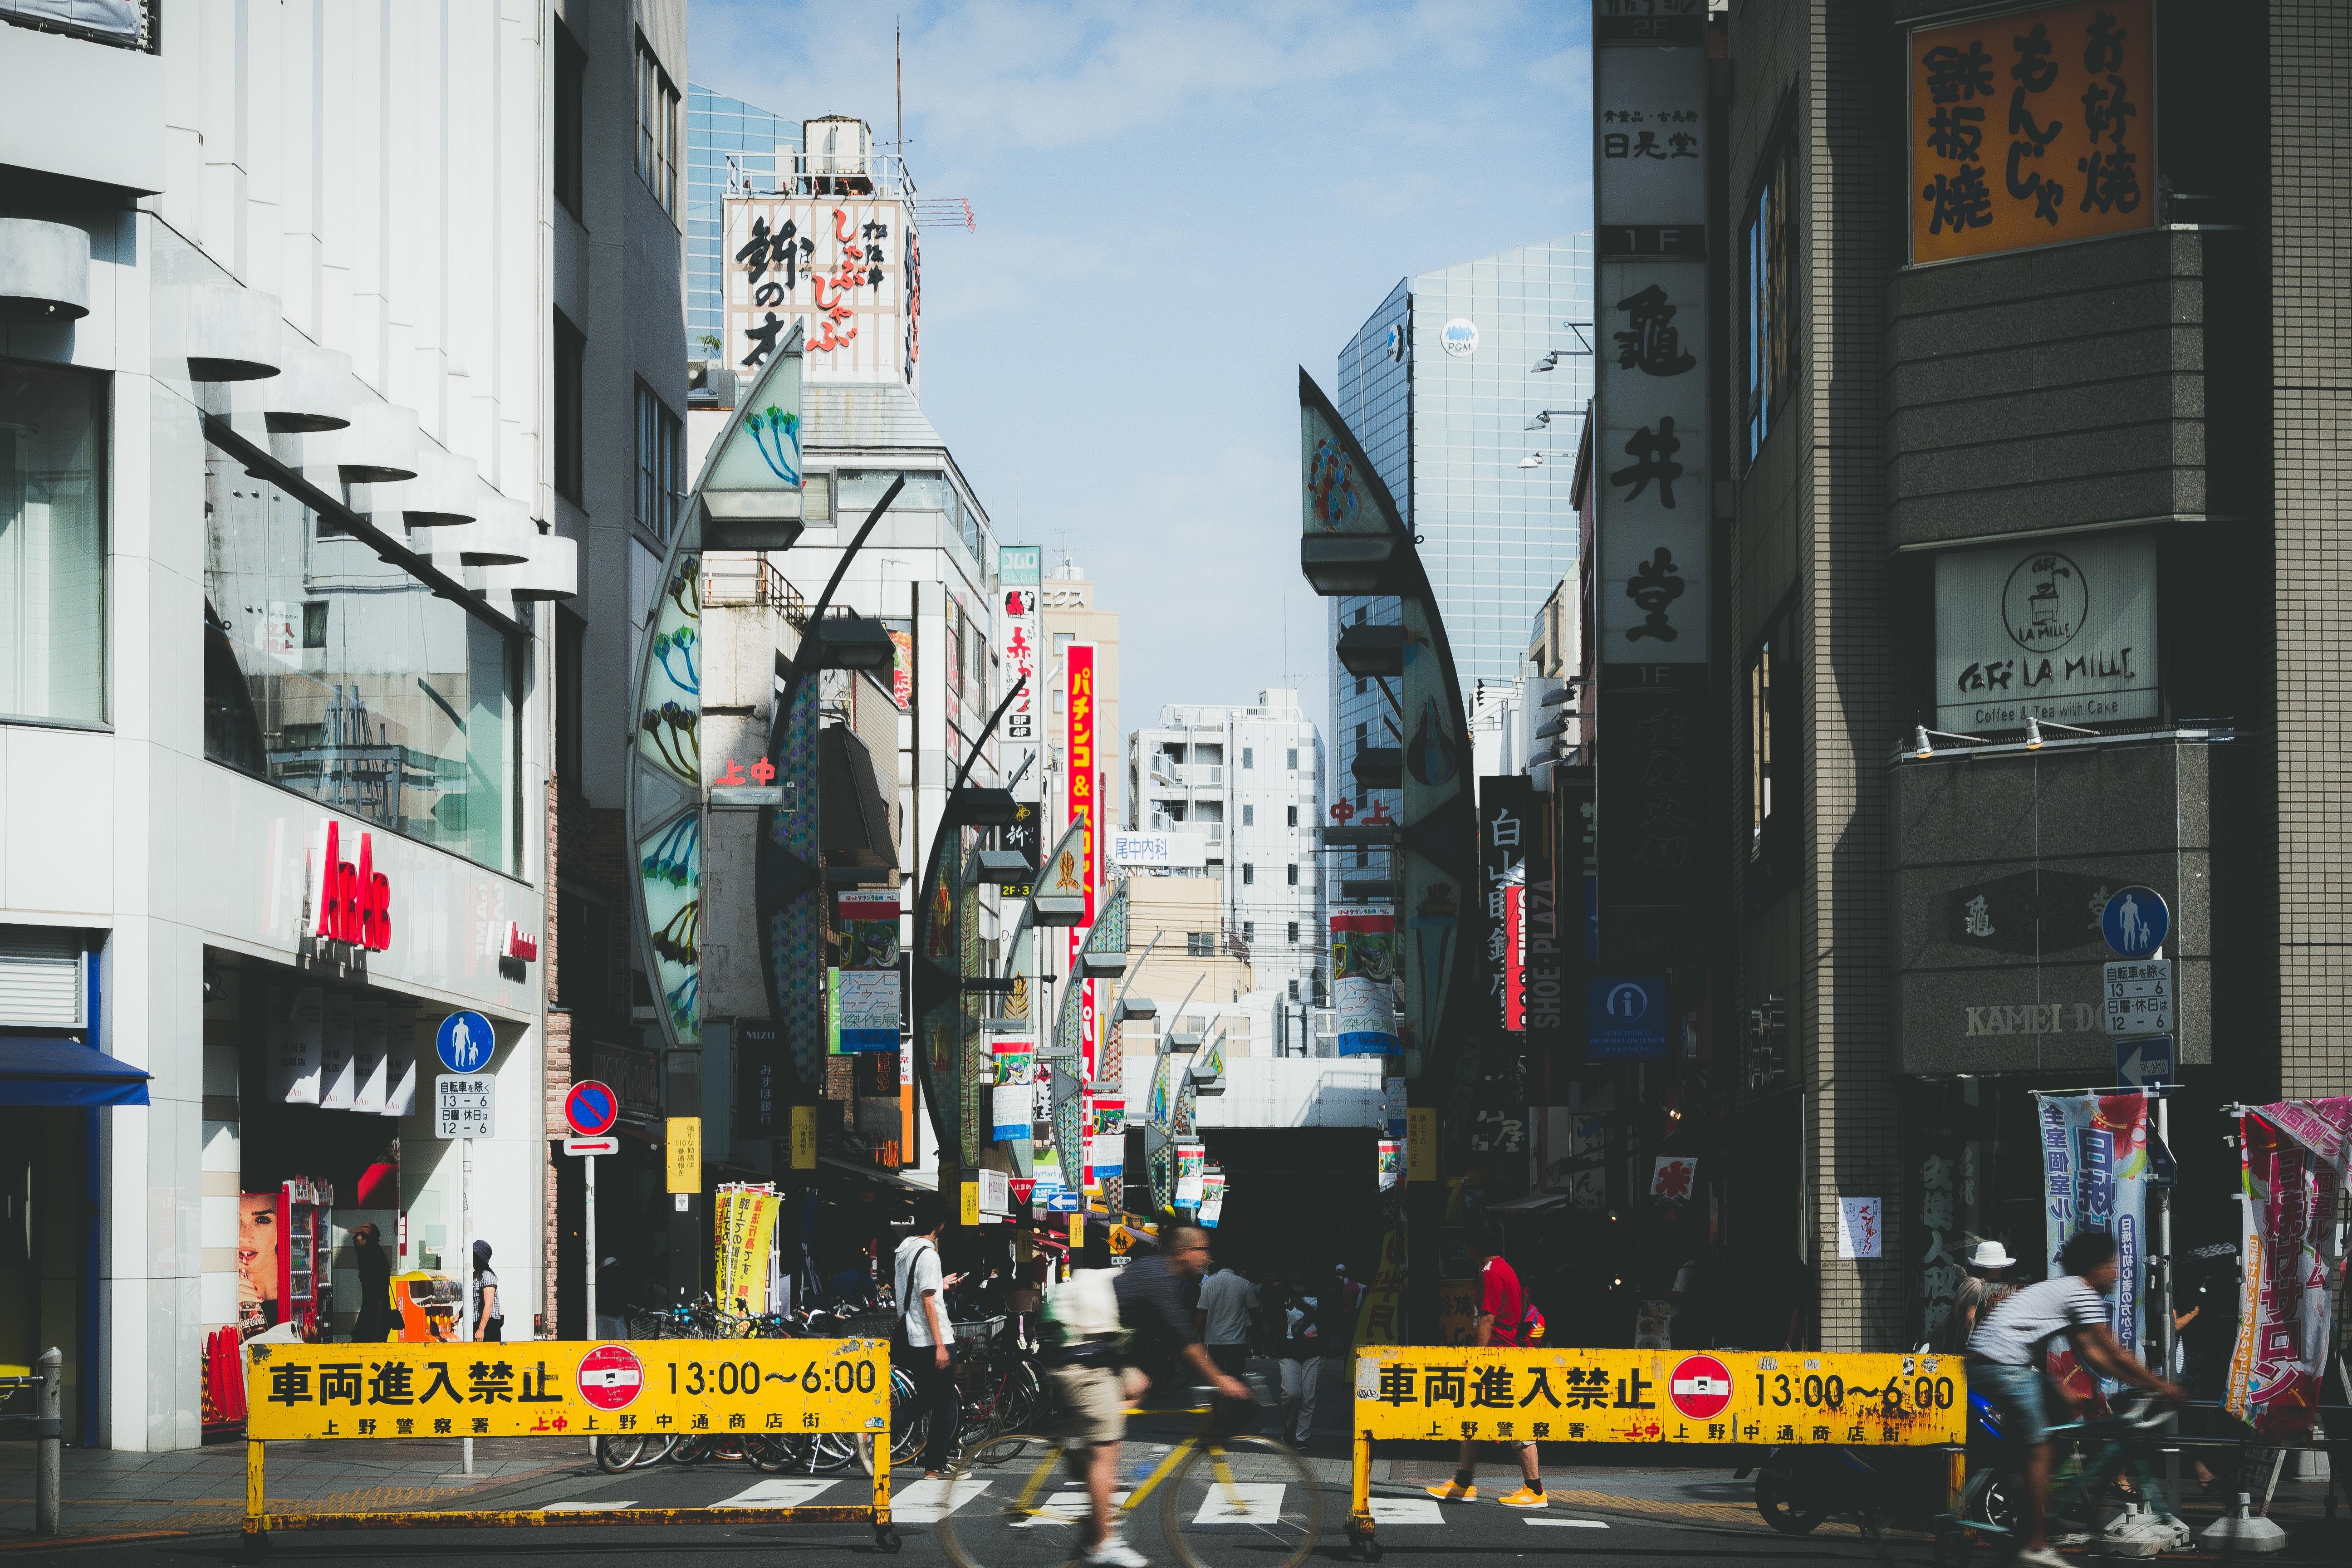 japan-inline image (002).jpg